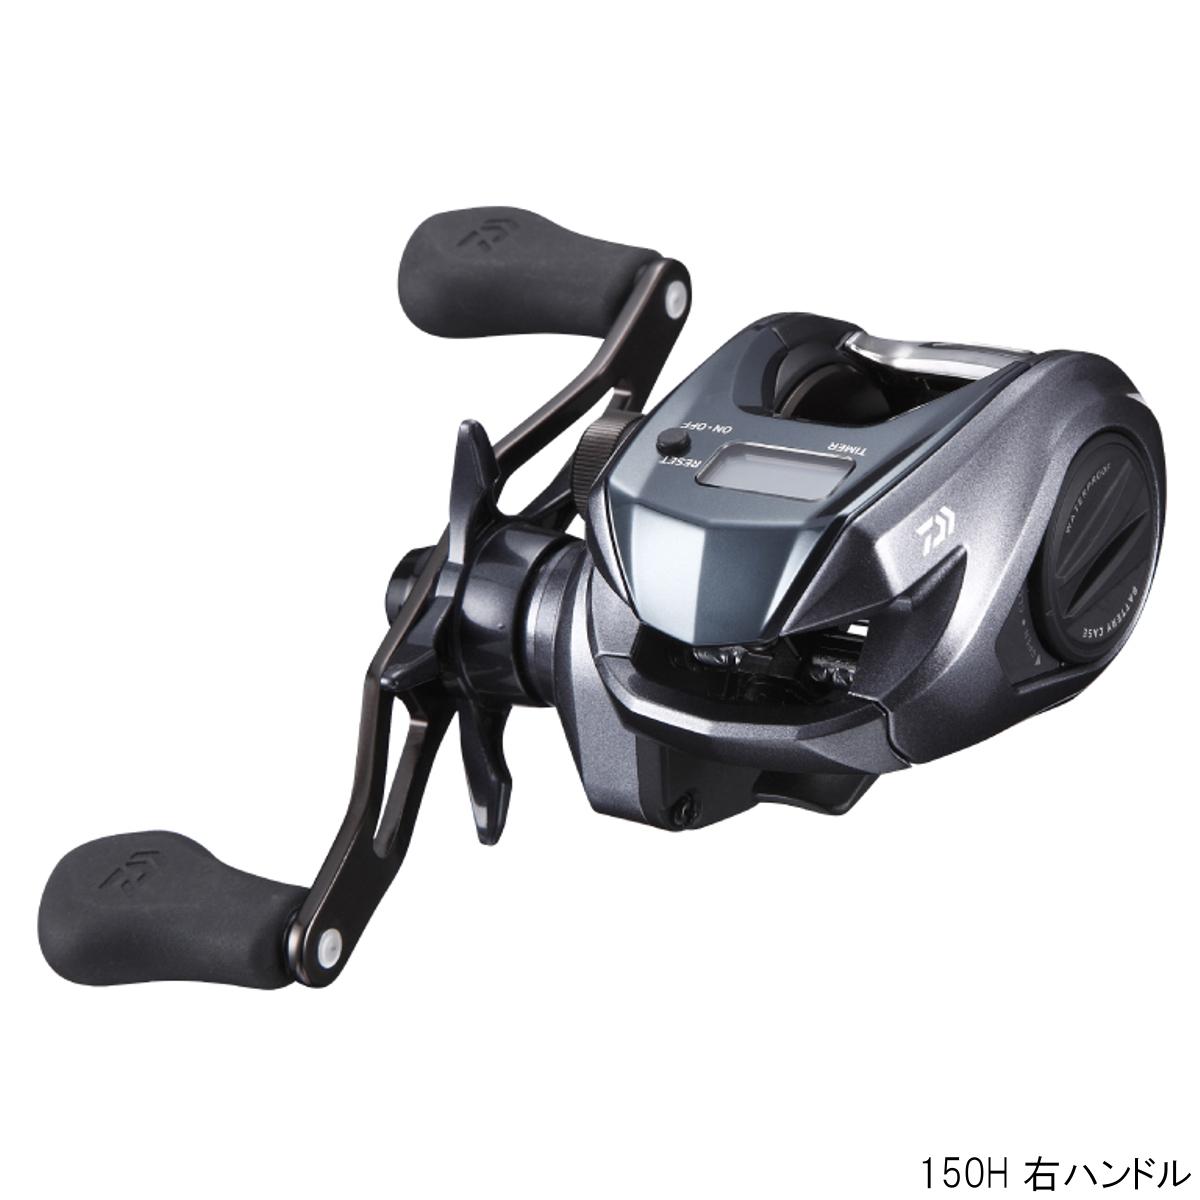 ダイワ スパルタン IC 150H 右ハンドル【送料無料】